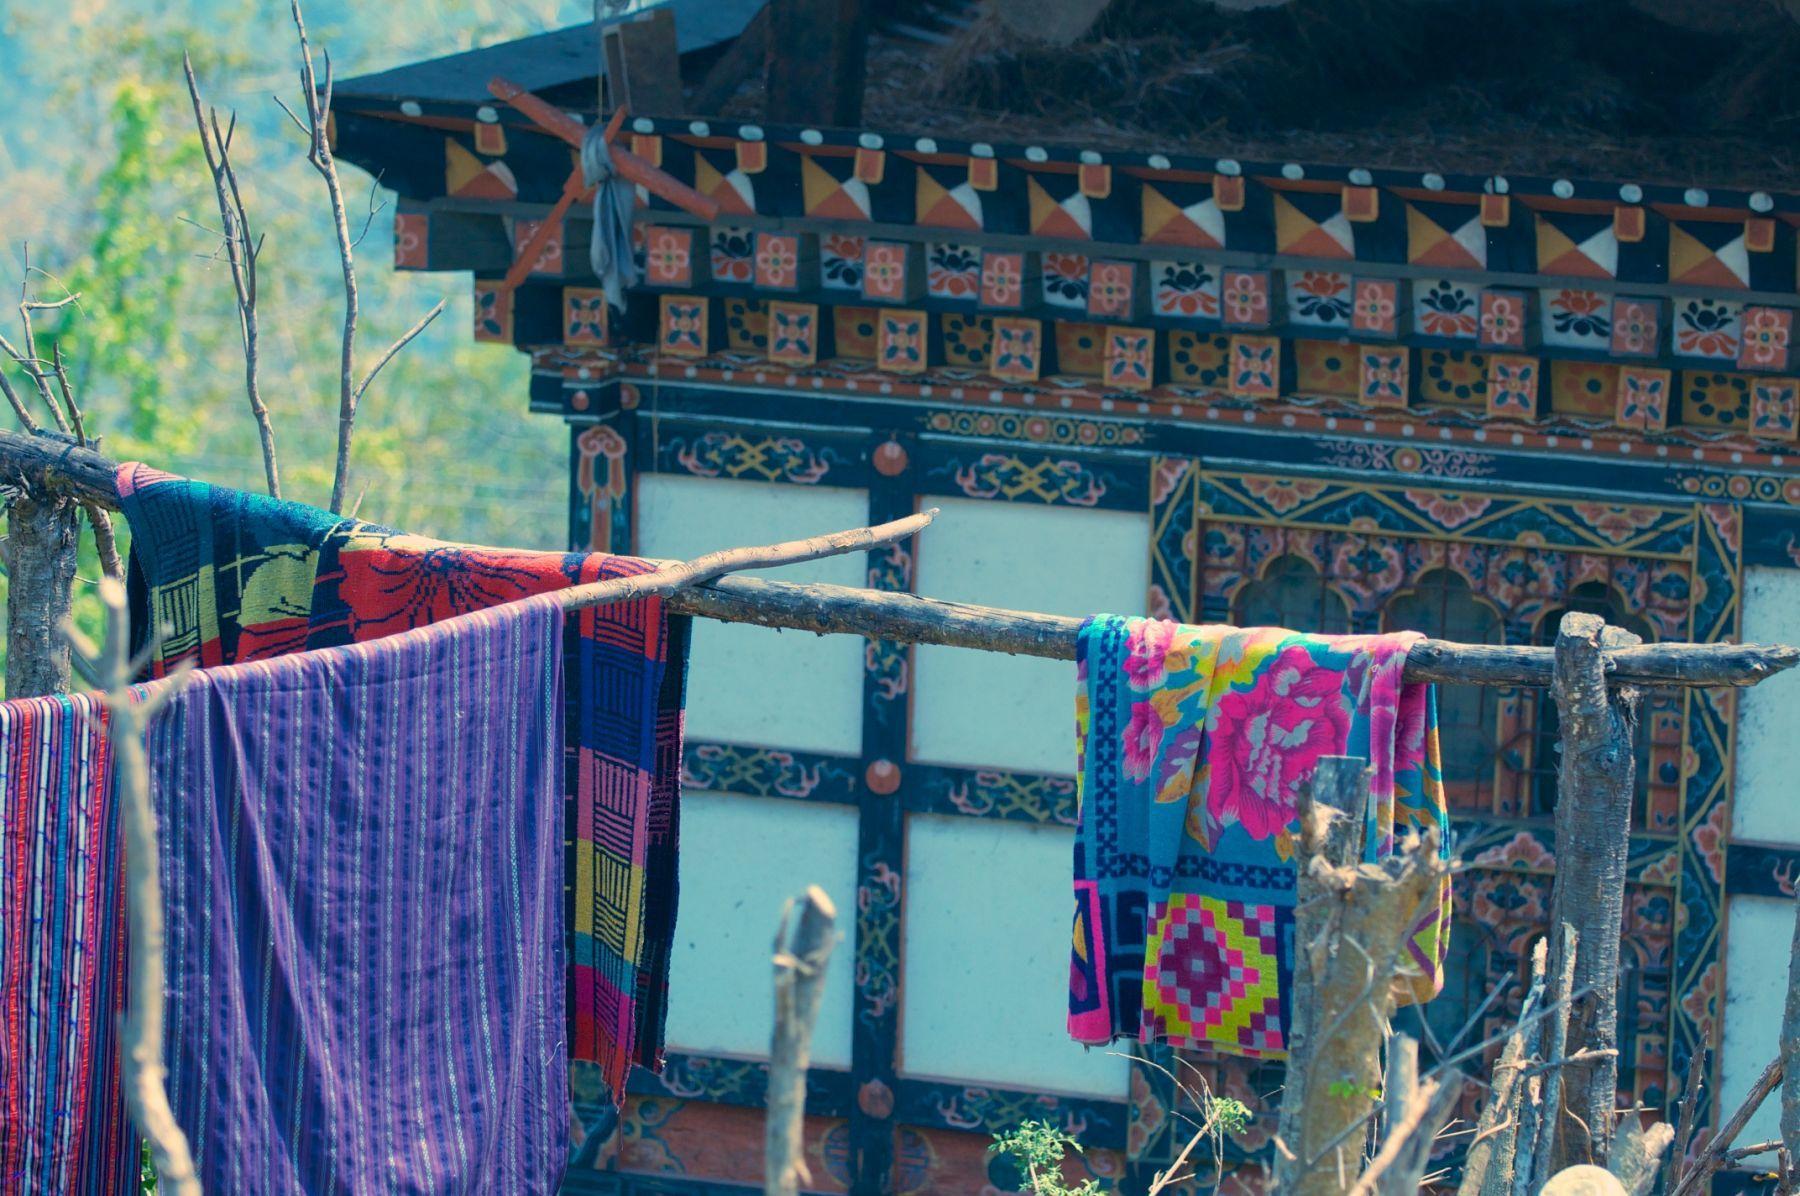 Bhutanese laundry